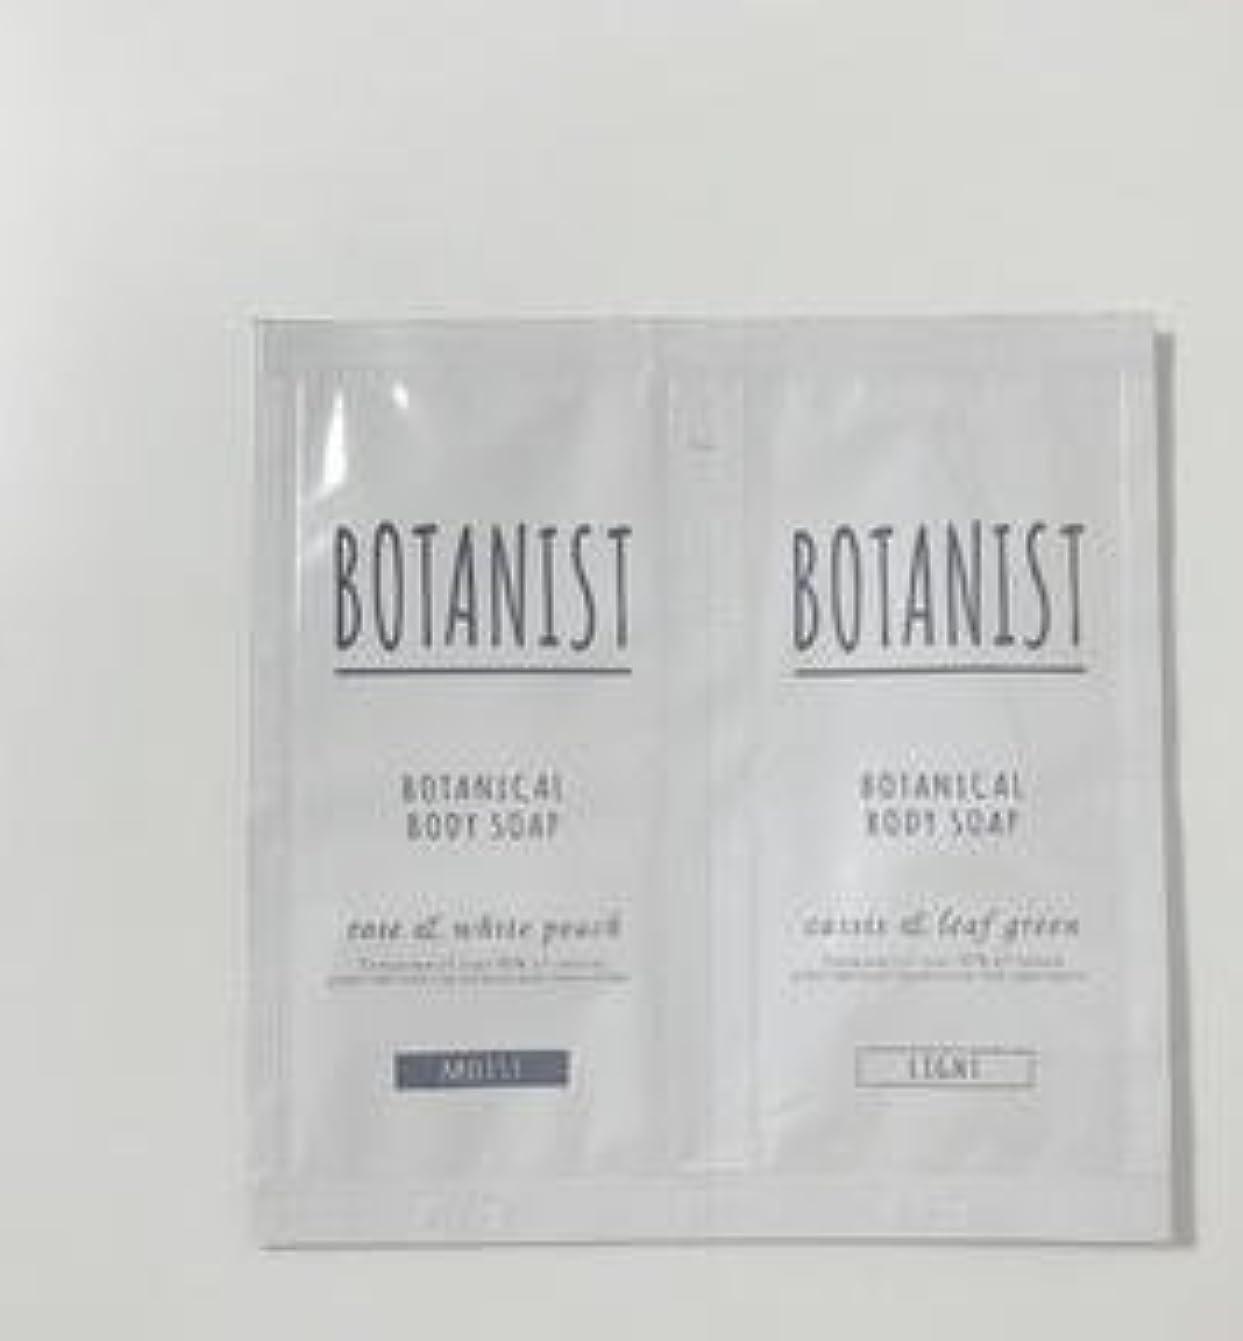 強度ボルト法廷BOTANIST ボタニカル ボディーソープ ライト&モイスト トライアルセット 8ml×2 (ライト&モイスト, 1個)